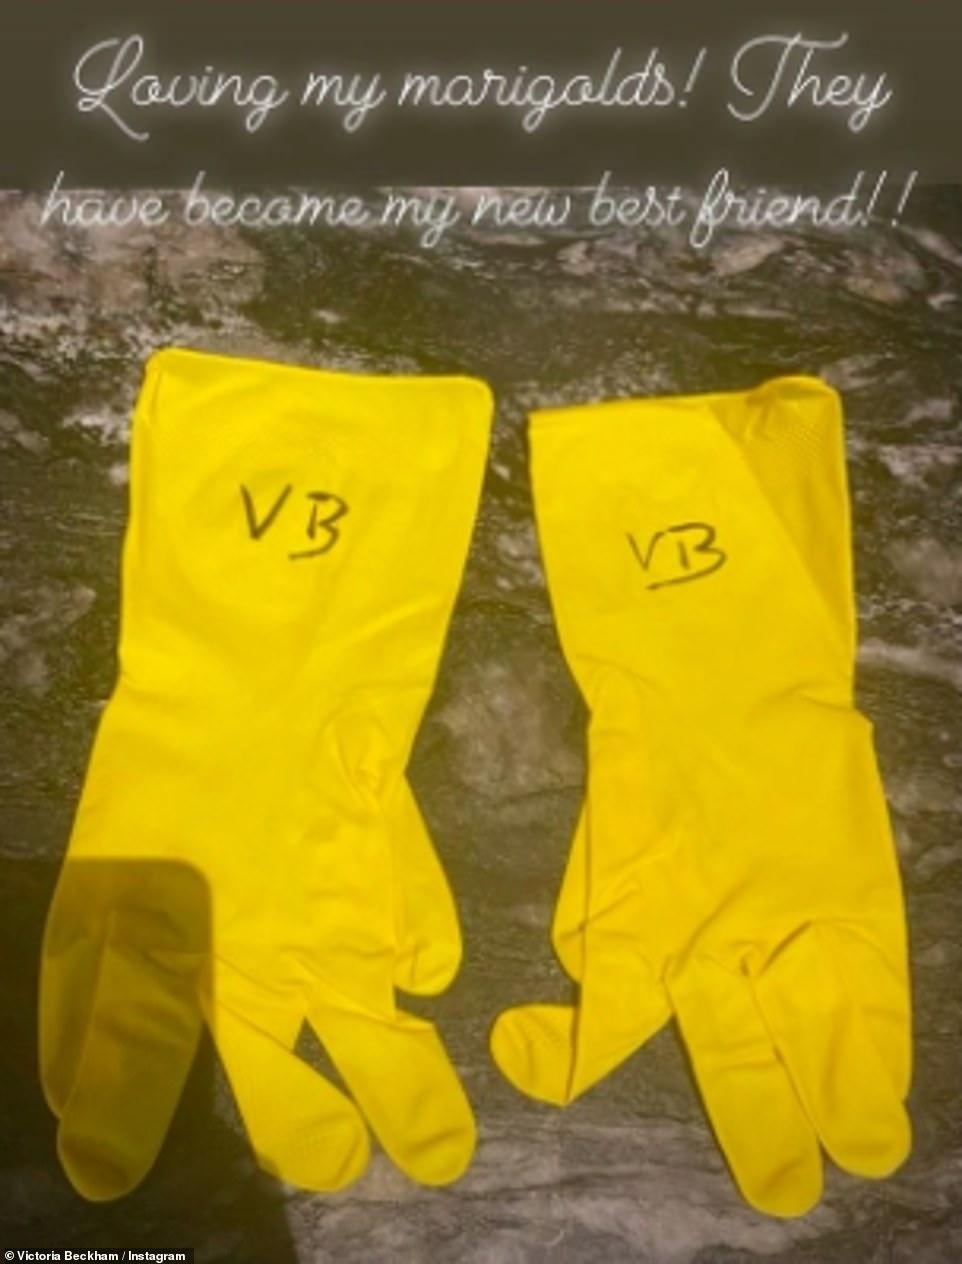 Đôi găng tay được David Beckham viết tắt tên vợ lên trên để tạo bất ngờ cho cô.